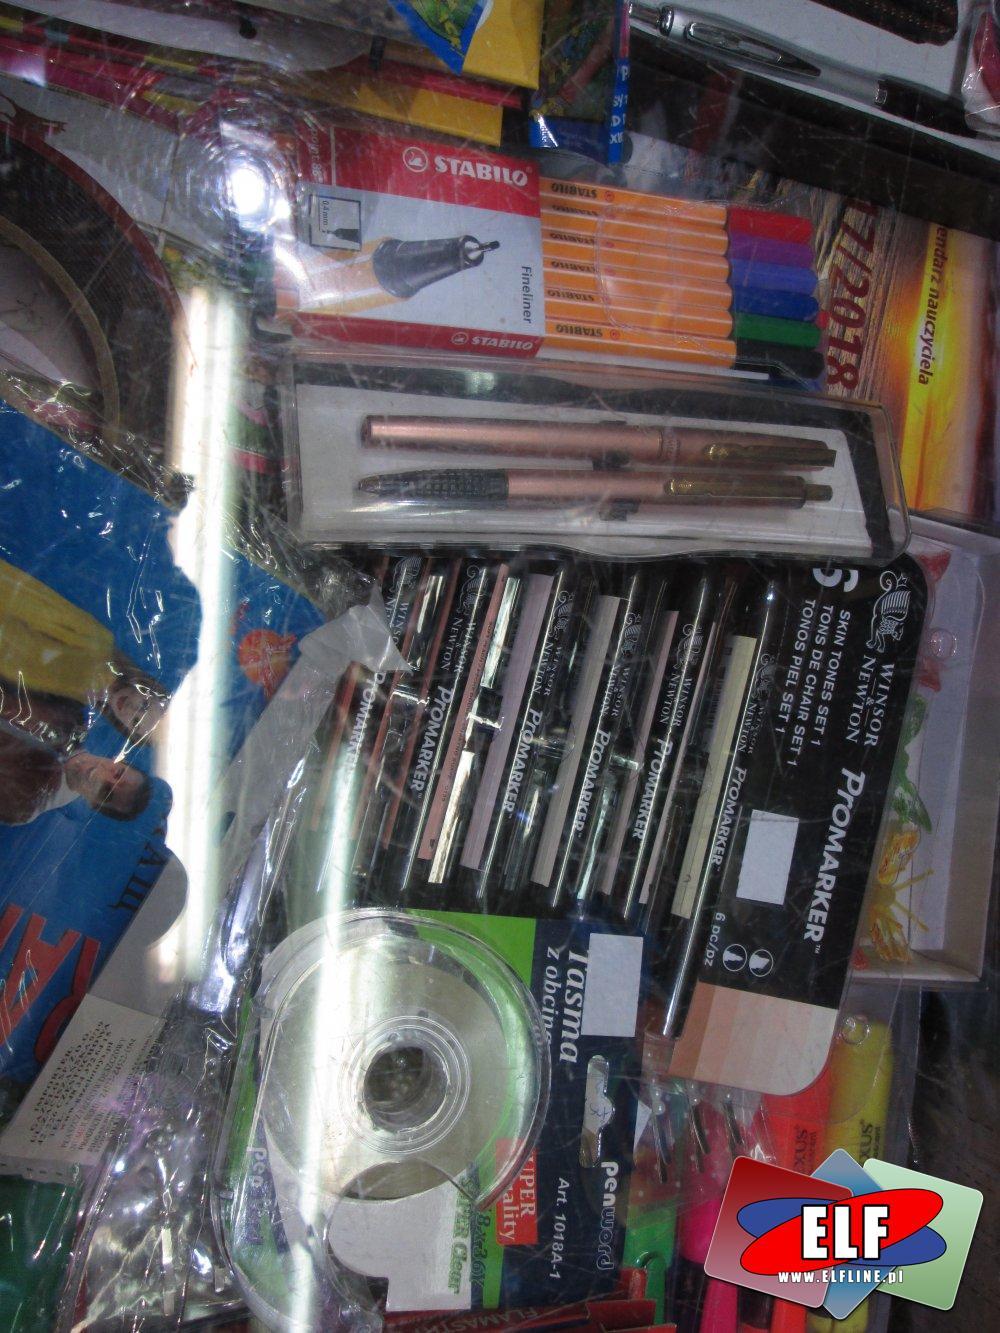 Długopisy, Pisaki, Cienkopisy, Długopis, Pisak, Cienkopis